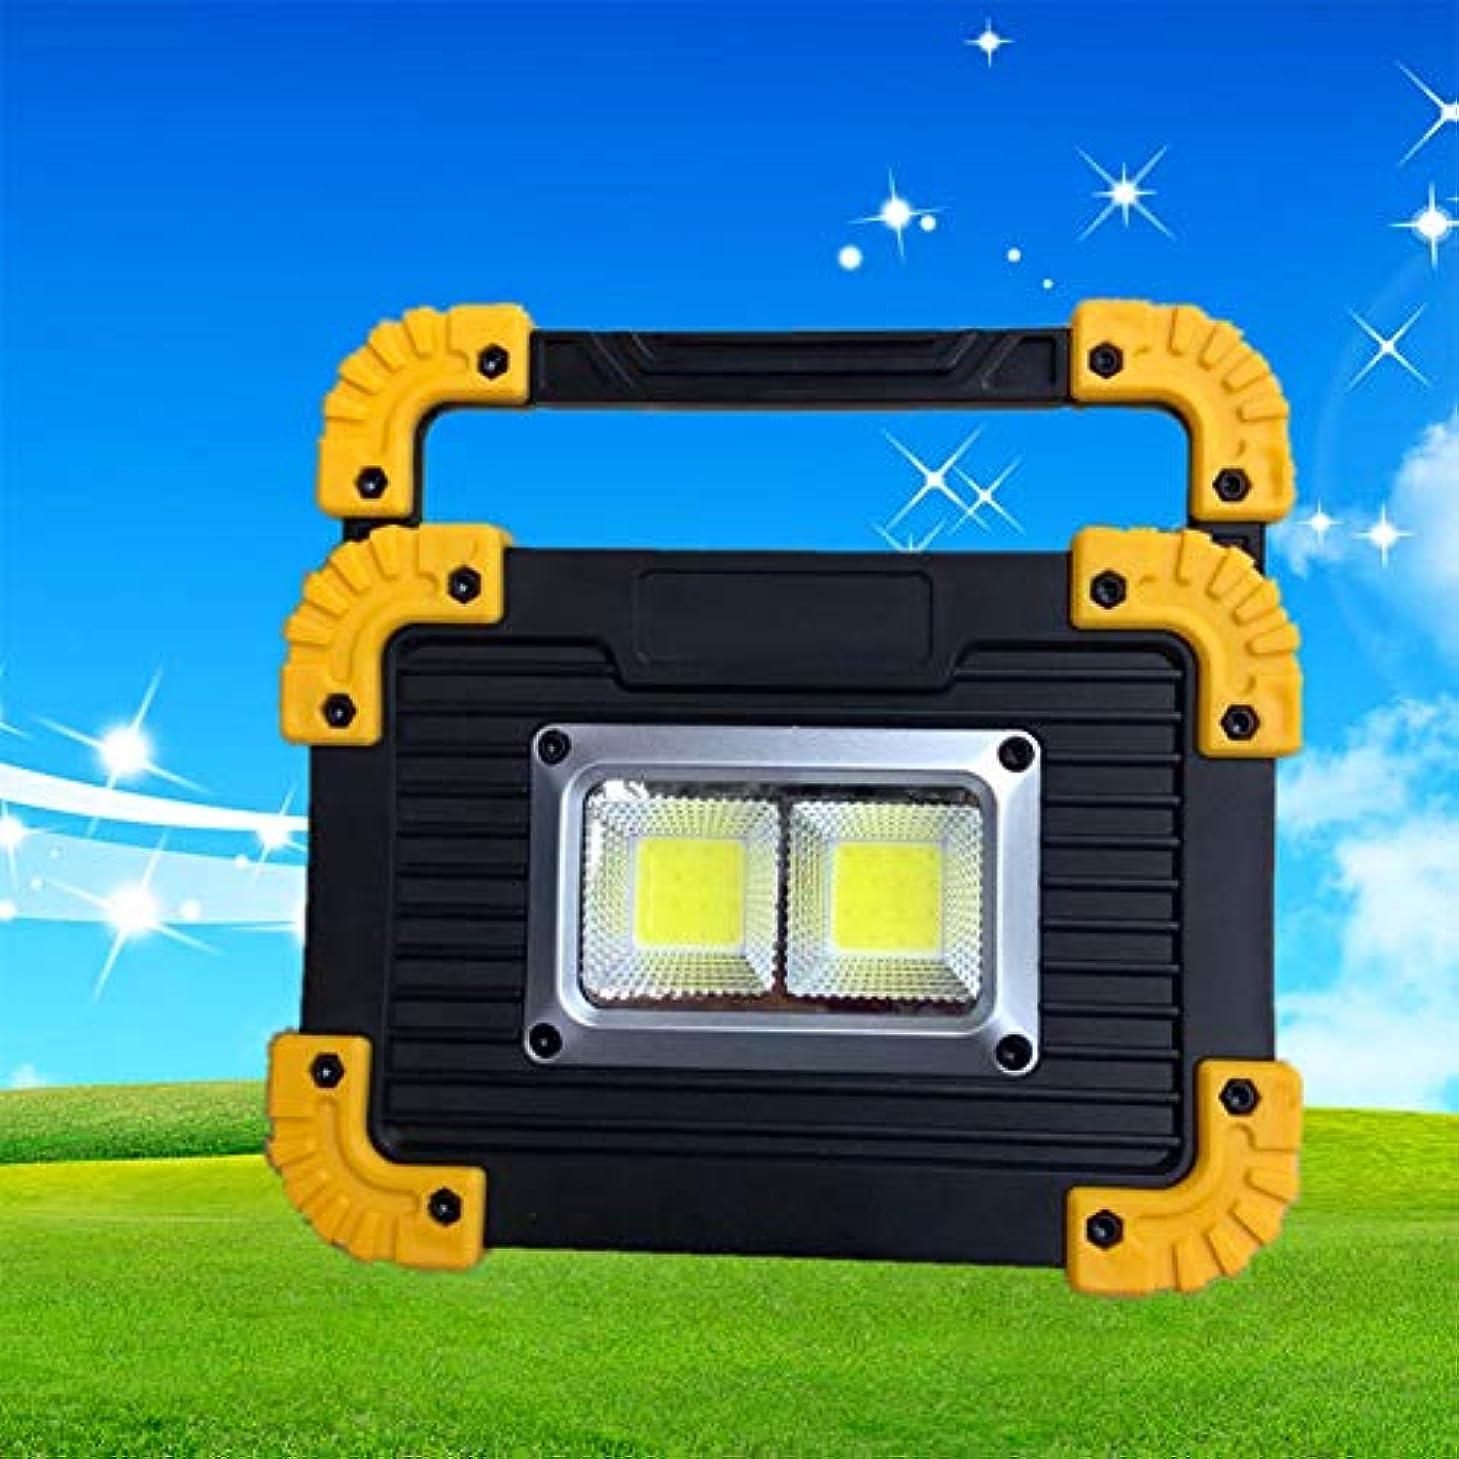 フォルダボルト覚えているACHICOO ナイトライト 20W COB USB充電式 ハンドル付き キャンプ テント 緊急投光器 アウトドア